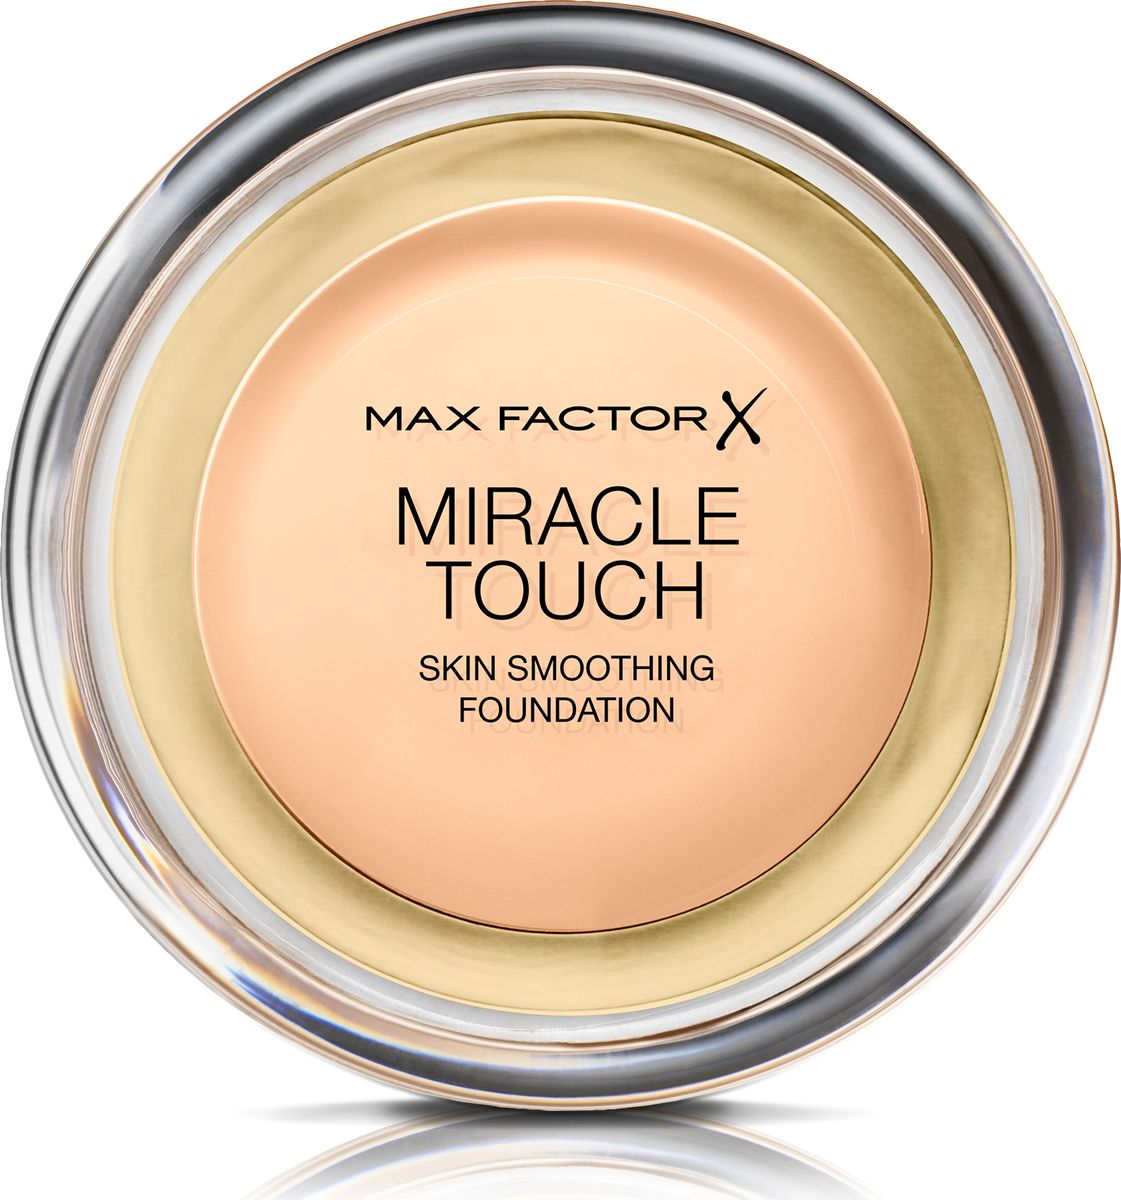 Max Factor Тональная Основа Miracle Touch Тон 40 creamy ivory 11,5 грSC-FM20104Уникальная универсальная тональная основа MaxFactorMiracleTouch обладает кремообразной формулой, благодаря которой превосходно подготовить кожу для макияжа очень легко. Всего один слой без необходимости нанесения консилера или пудры. Легкая твердая тональная основа тает в руках и гладко наносится на кожу, создавая идеальное, безупречно блестящее и равномерное покрытие, не слишком прозрачное и не слишком плотное. В результате кожа выглядит свежей, необычайно ровной и приобретает сияние. Чтобы создать безупречное покрытие, можно нанести всего один легкий слой тональной основы или же сделать покрытие более плотным благодаря специальной формуле. Тональная основа подходит для всех типов кожи, включая чувствительную кожу, и не вызывает угревой сыпи, так как не закупоривает поры. Спонж в комплекте для простого и аккуратного нанесения где угодно.Идеальное покрытие в один слой- консилер и пудра не нужны. Умеренное или плотное покрытие благодаря специальной формуле. Не вызывает угревую сыпь и не закупоривает поры. Дерматологически протестировано, подходит для чувствительной кожи.Удобная компактная форма, которую легко держать в руках, со спонжем для быстрого и простого нанесения. Идеальный оттенок должен соответствовать тону кожи на линии подбородка. Для получения наиболее профессионального результата с помощью спонжа, входящего в комплект, нанеси тональную основу MiracleTouchLiquidIllusion и распредели ее от центра лица к краям. Чтобы скрыть темные круги и недостатки кожи, наноси основу краем спонжа. Всегда наноси продукт при ярком дневном освещении.